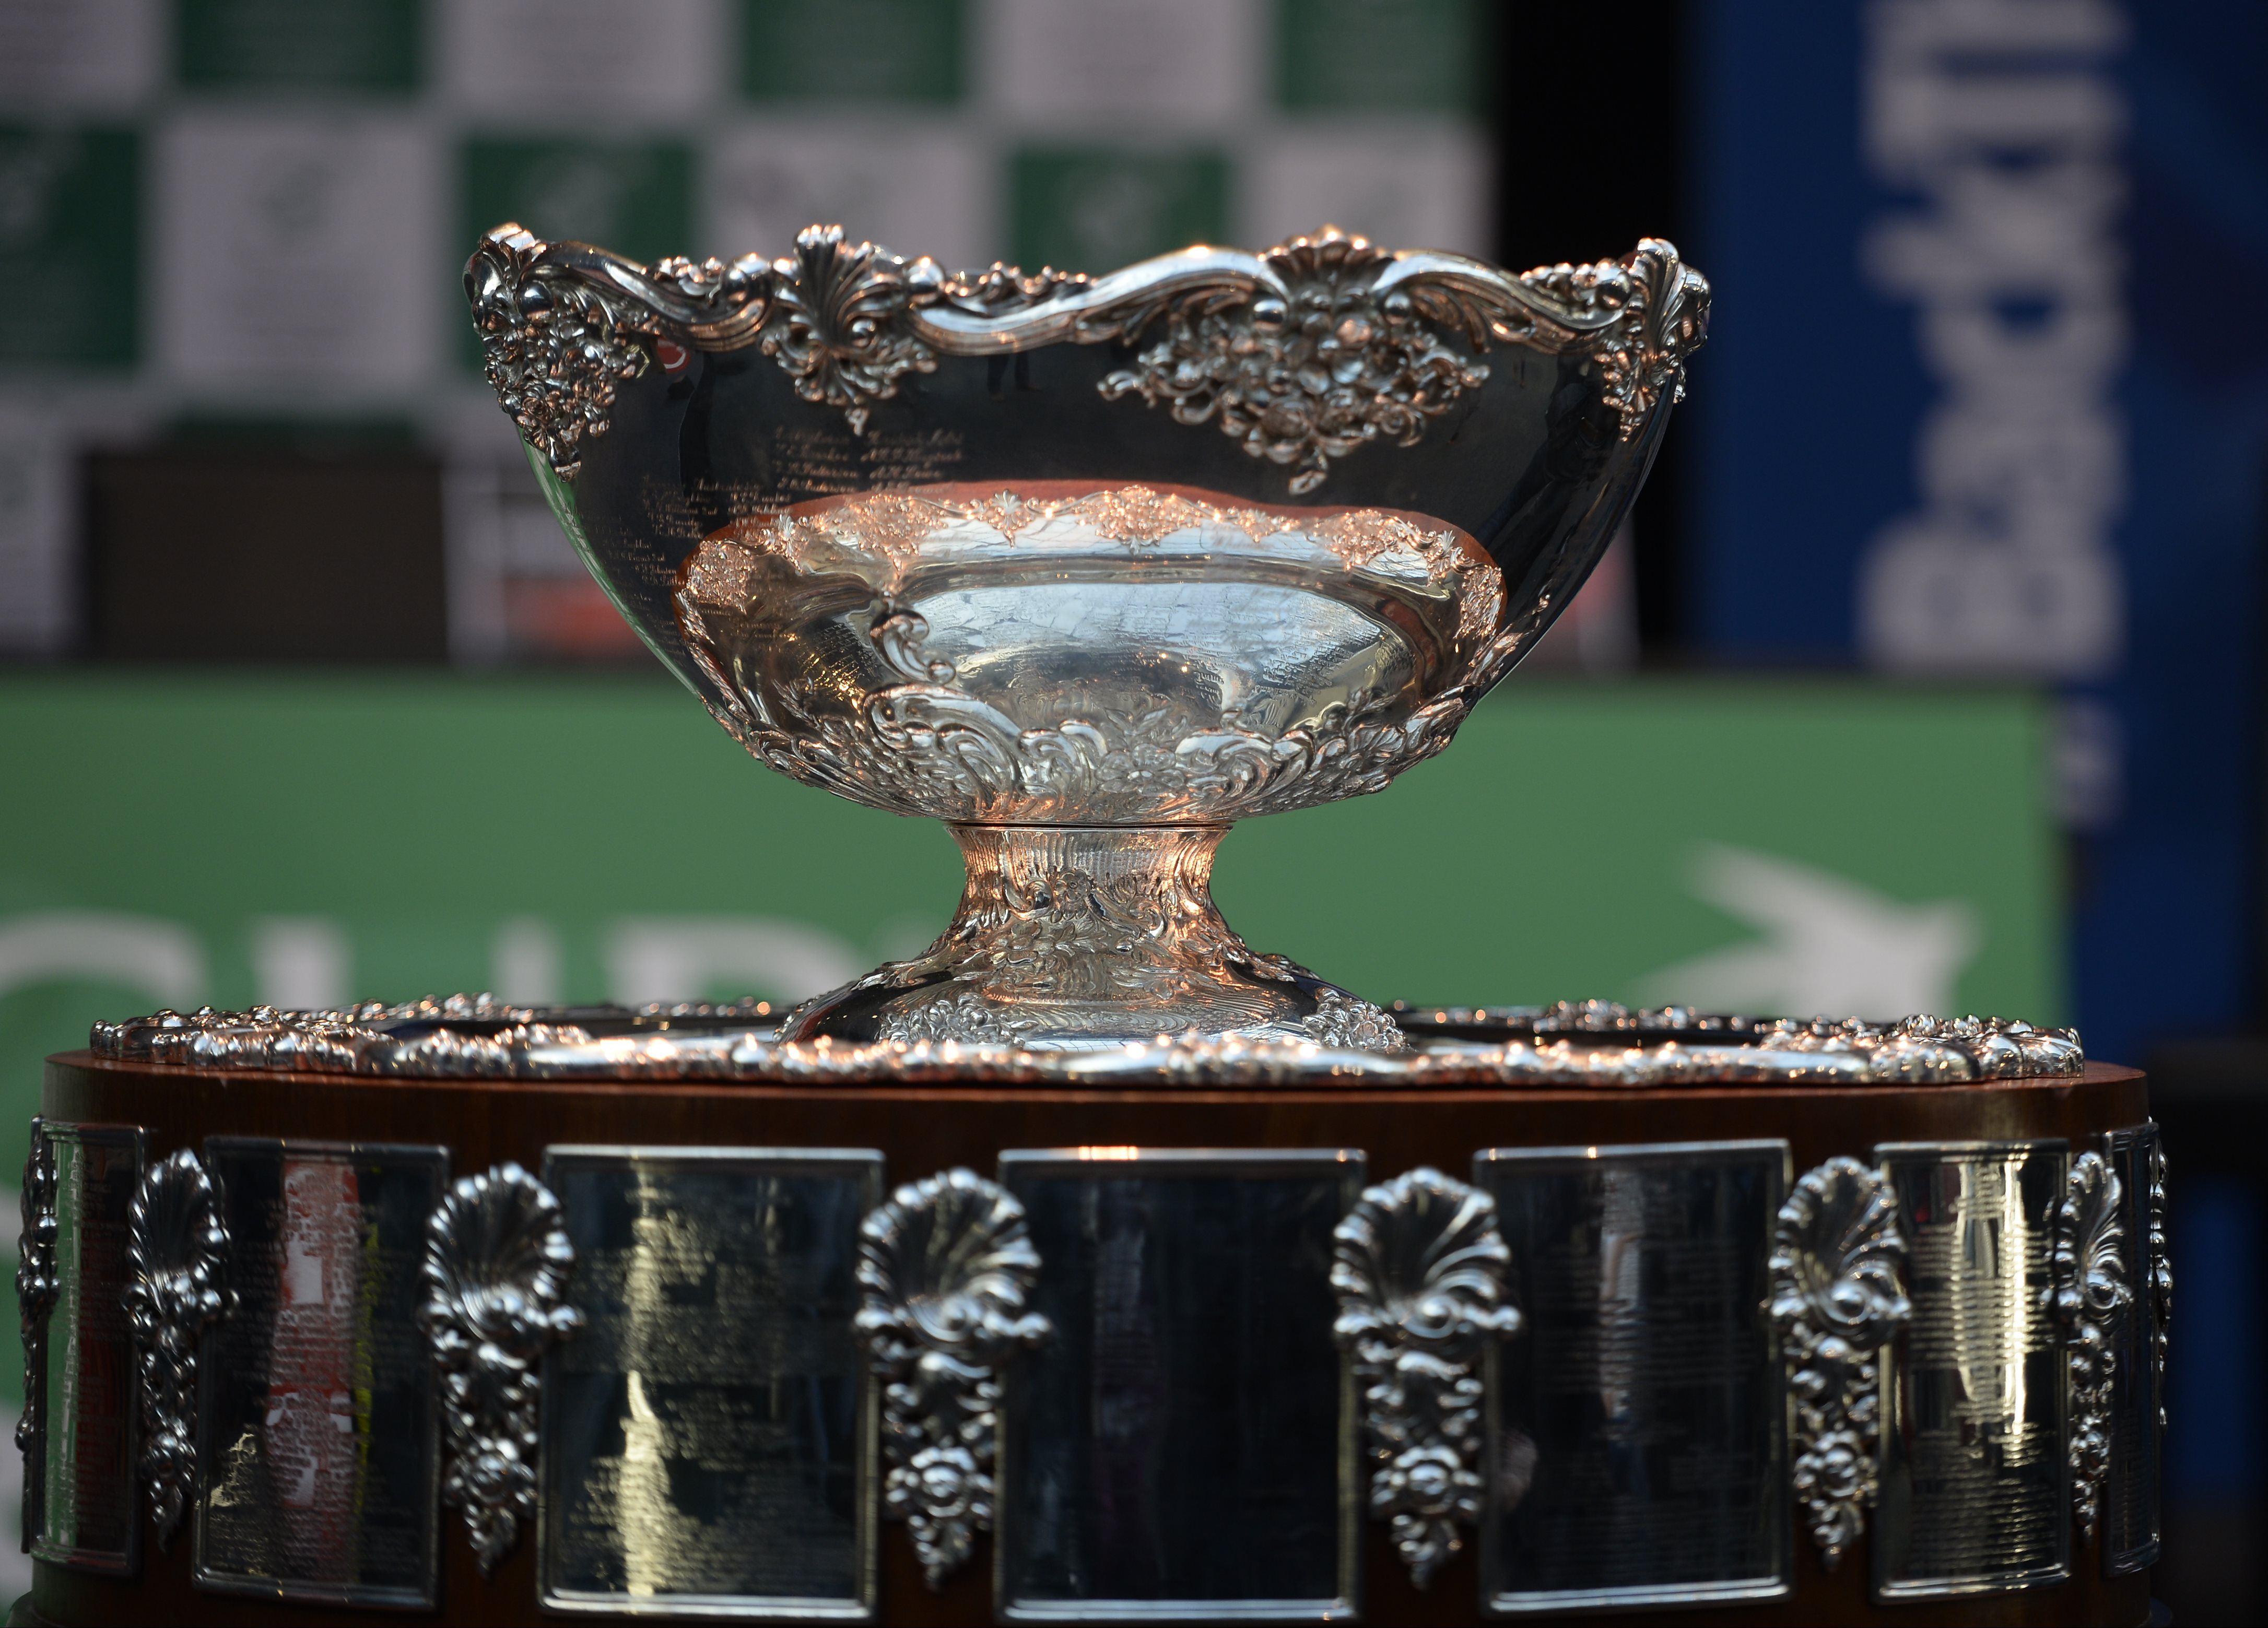 Tennis : Coupe Davis - Malgr� les critiques, la finale de Coupe Davis sur terrain neutre, c'est pour bient�t